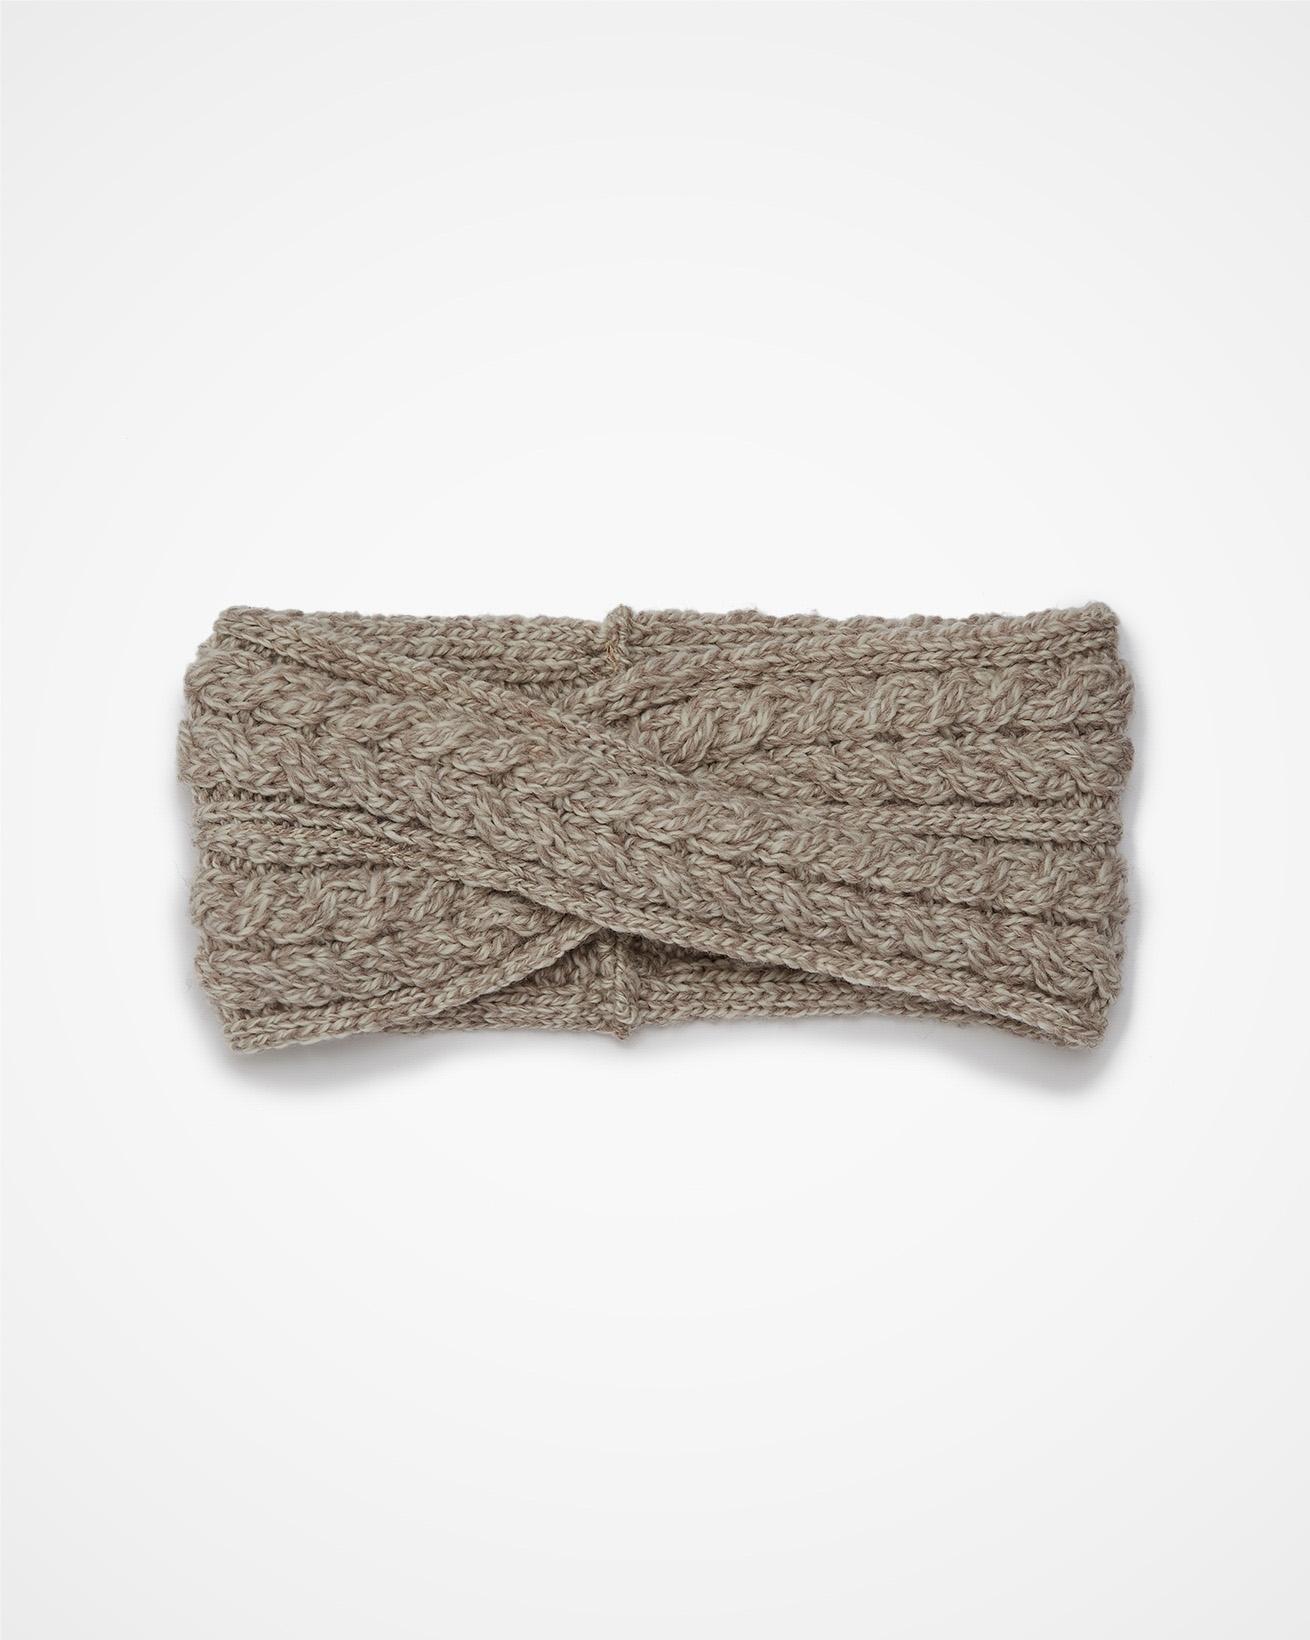 Aran Cable Headband